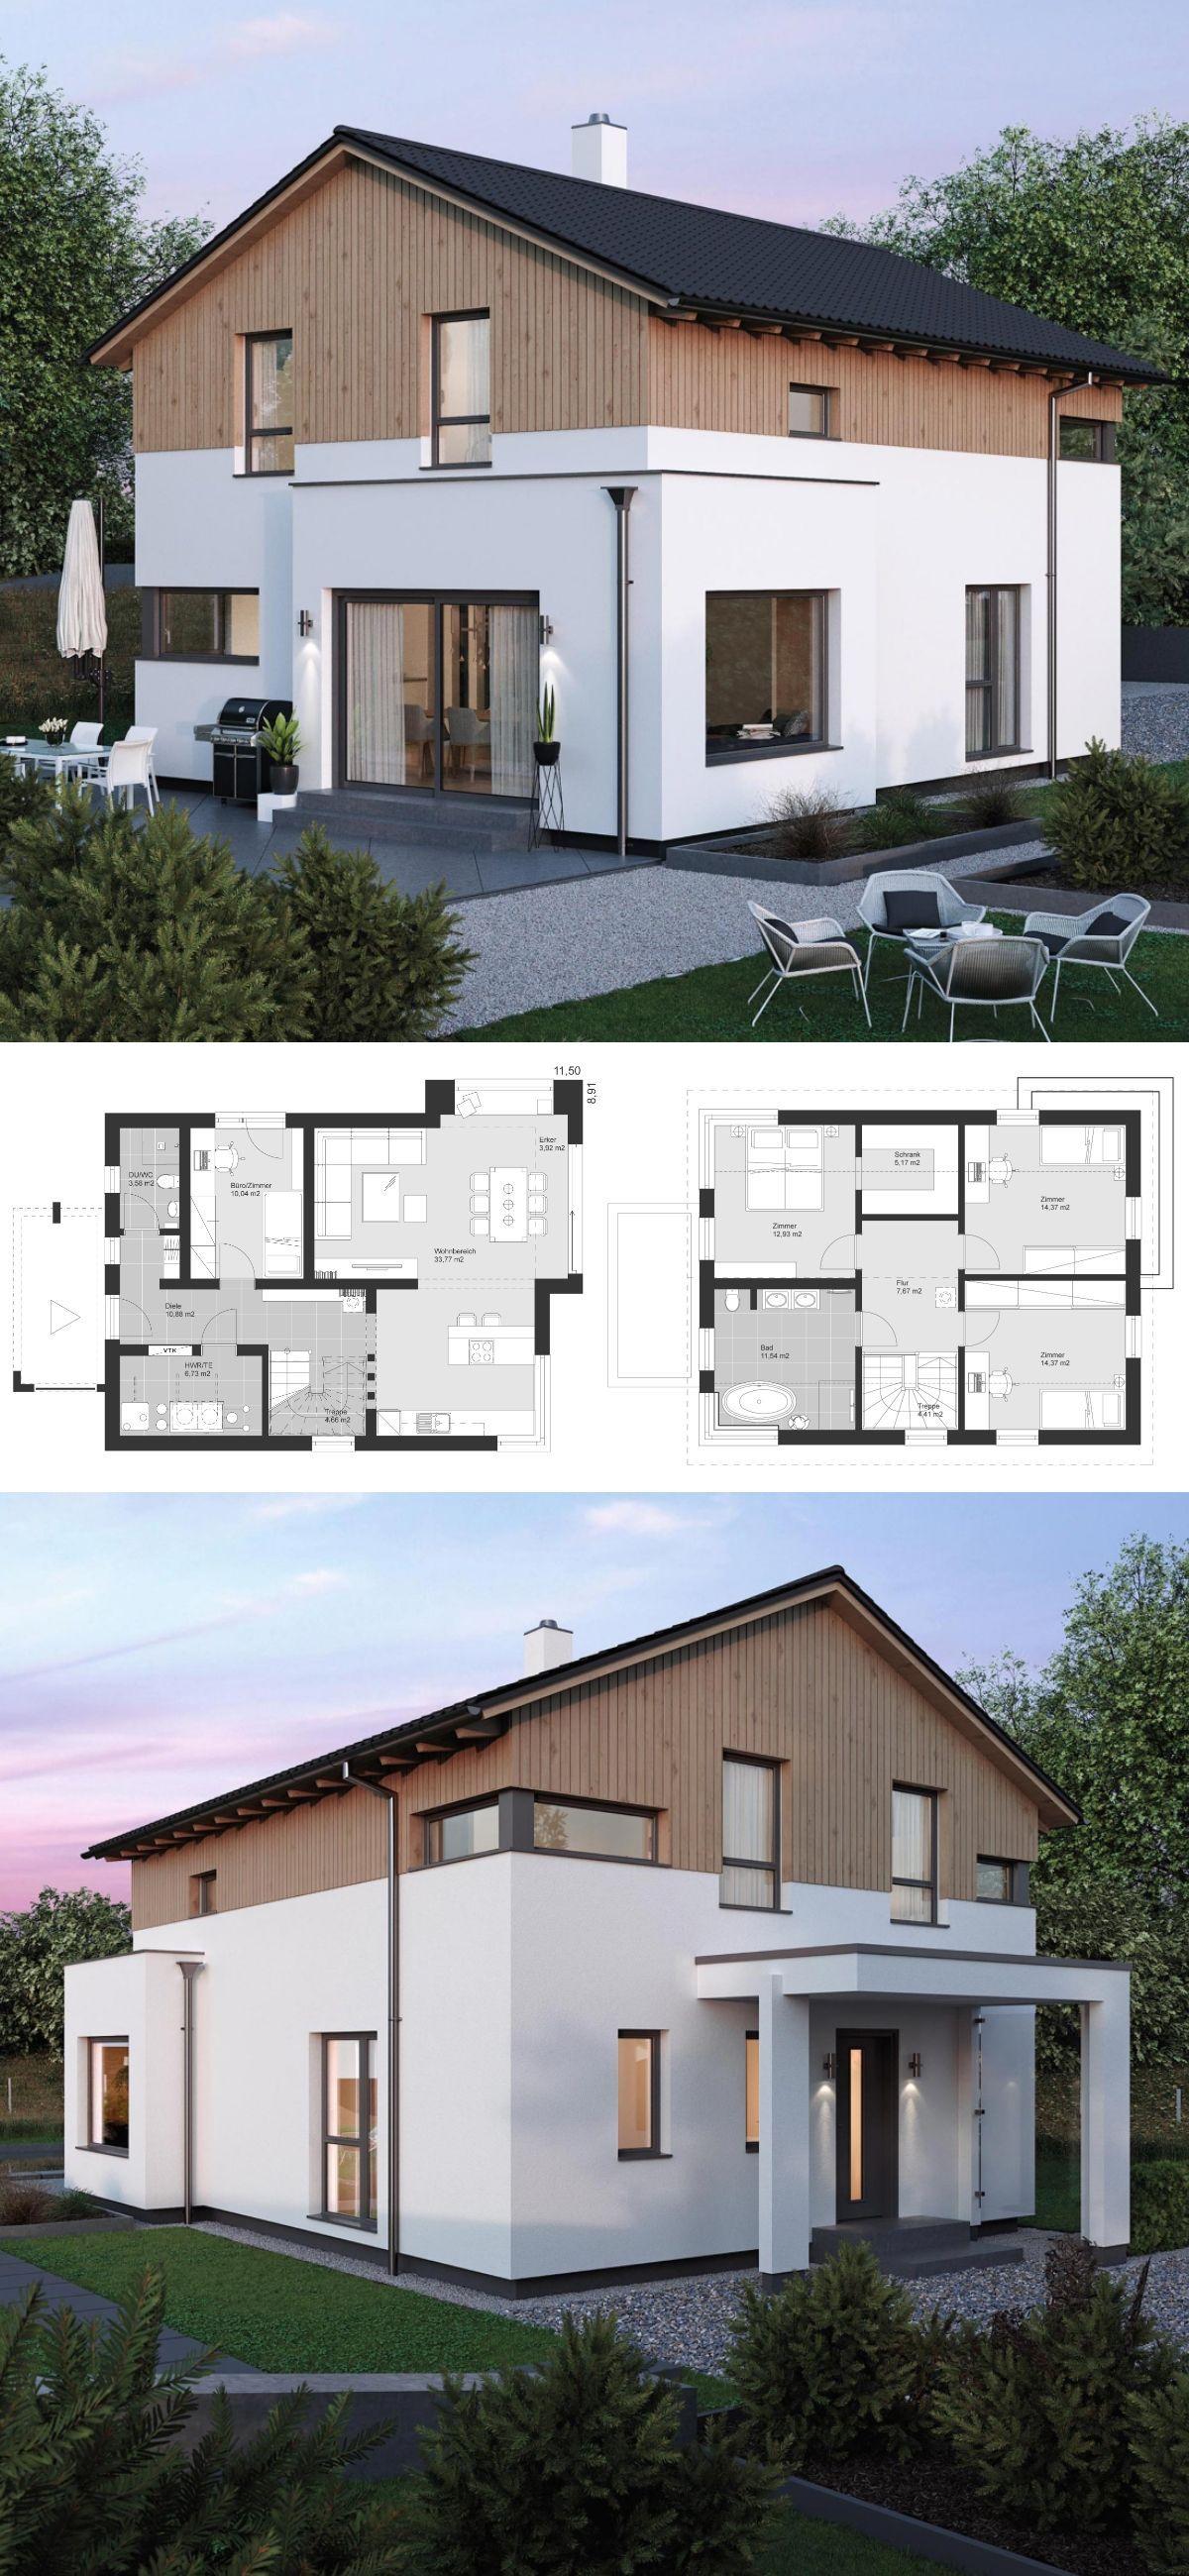 einfamilienhaus neubau modern im landhausstil grundriss mit satteldach architektur holzfassade. Black Bedroom Furniture Sets. Home Design Ideas